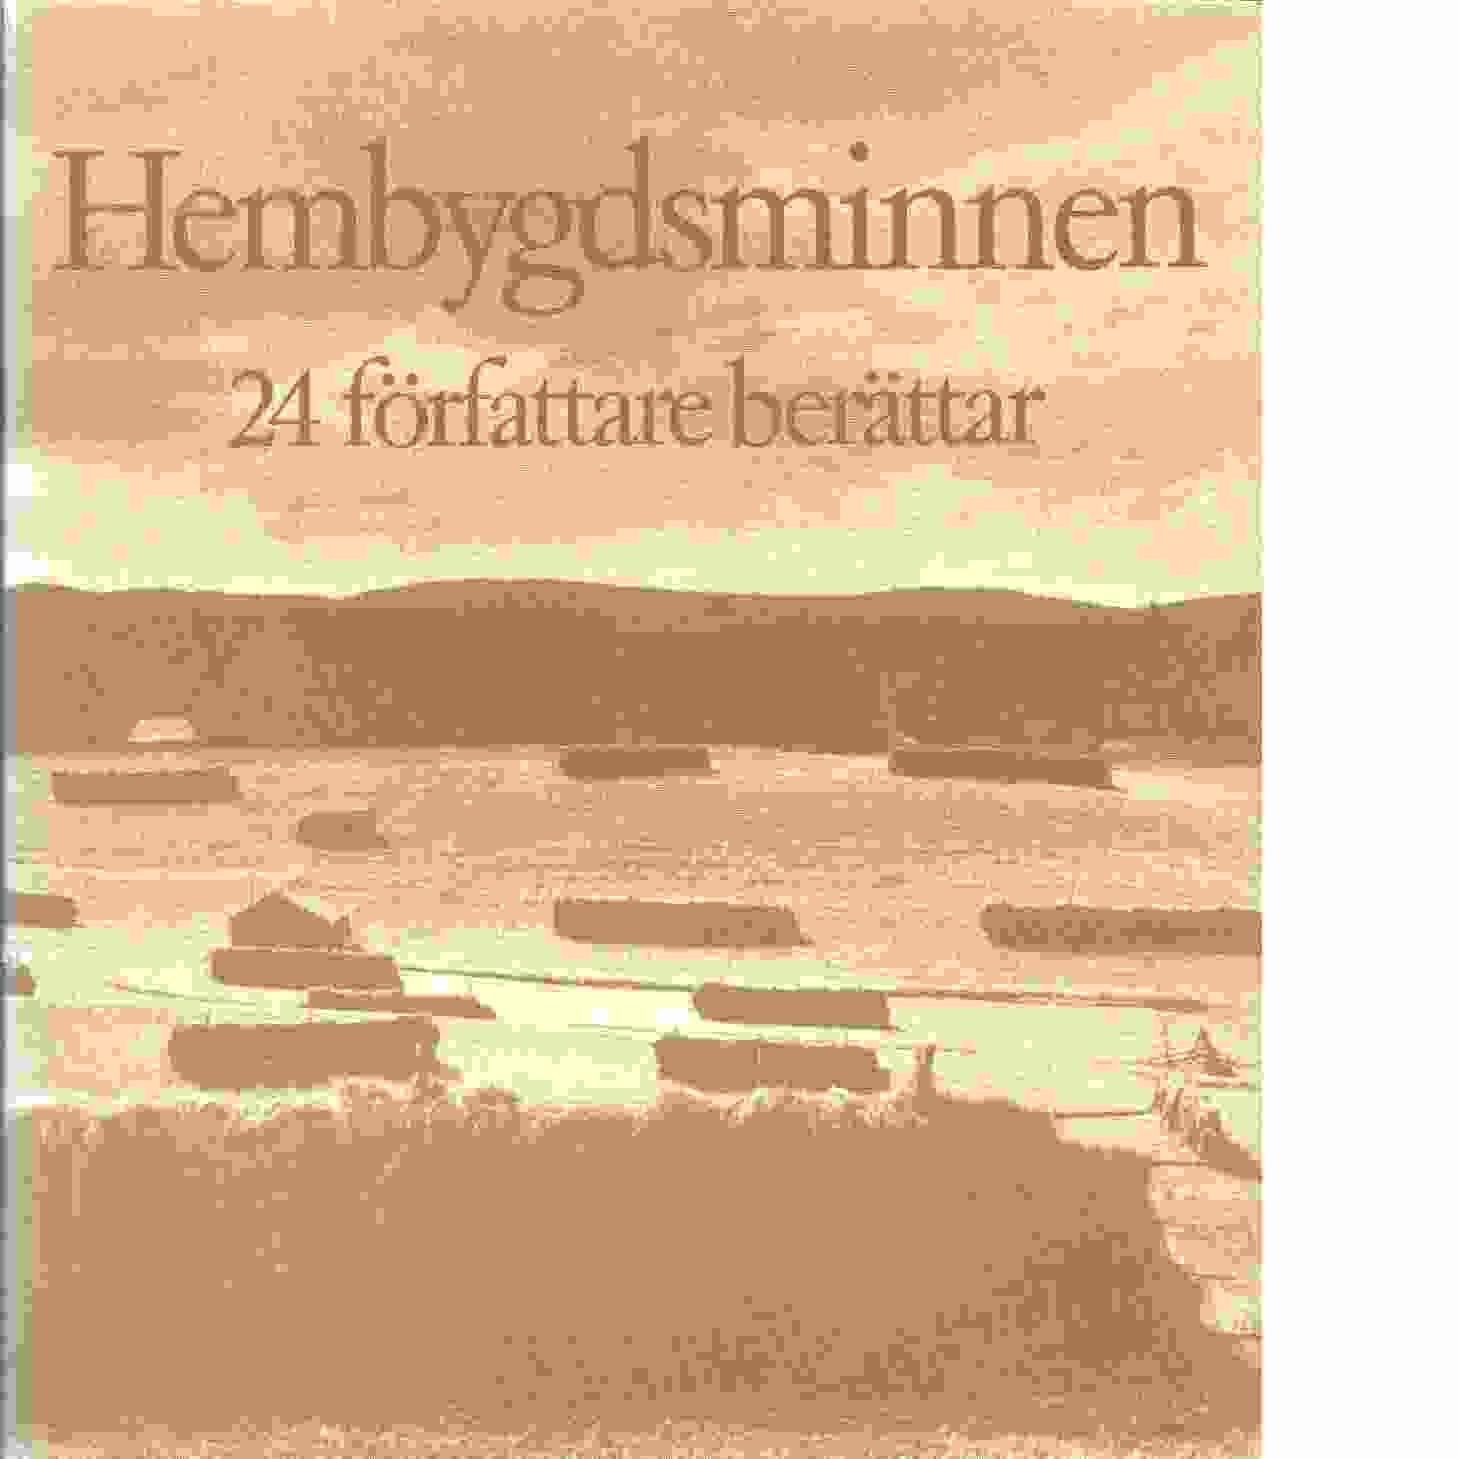 Hembygdsminnen : 24 författare berättar - Red. Ruhnbro, Rune